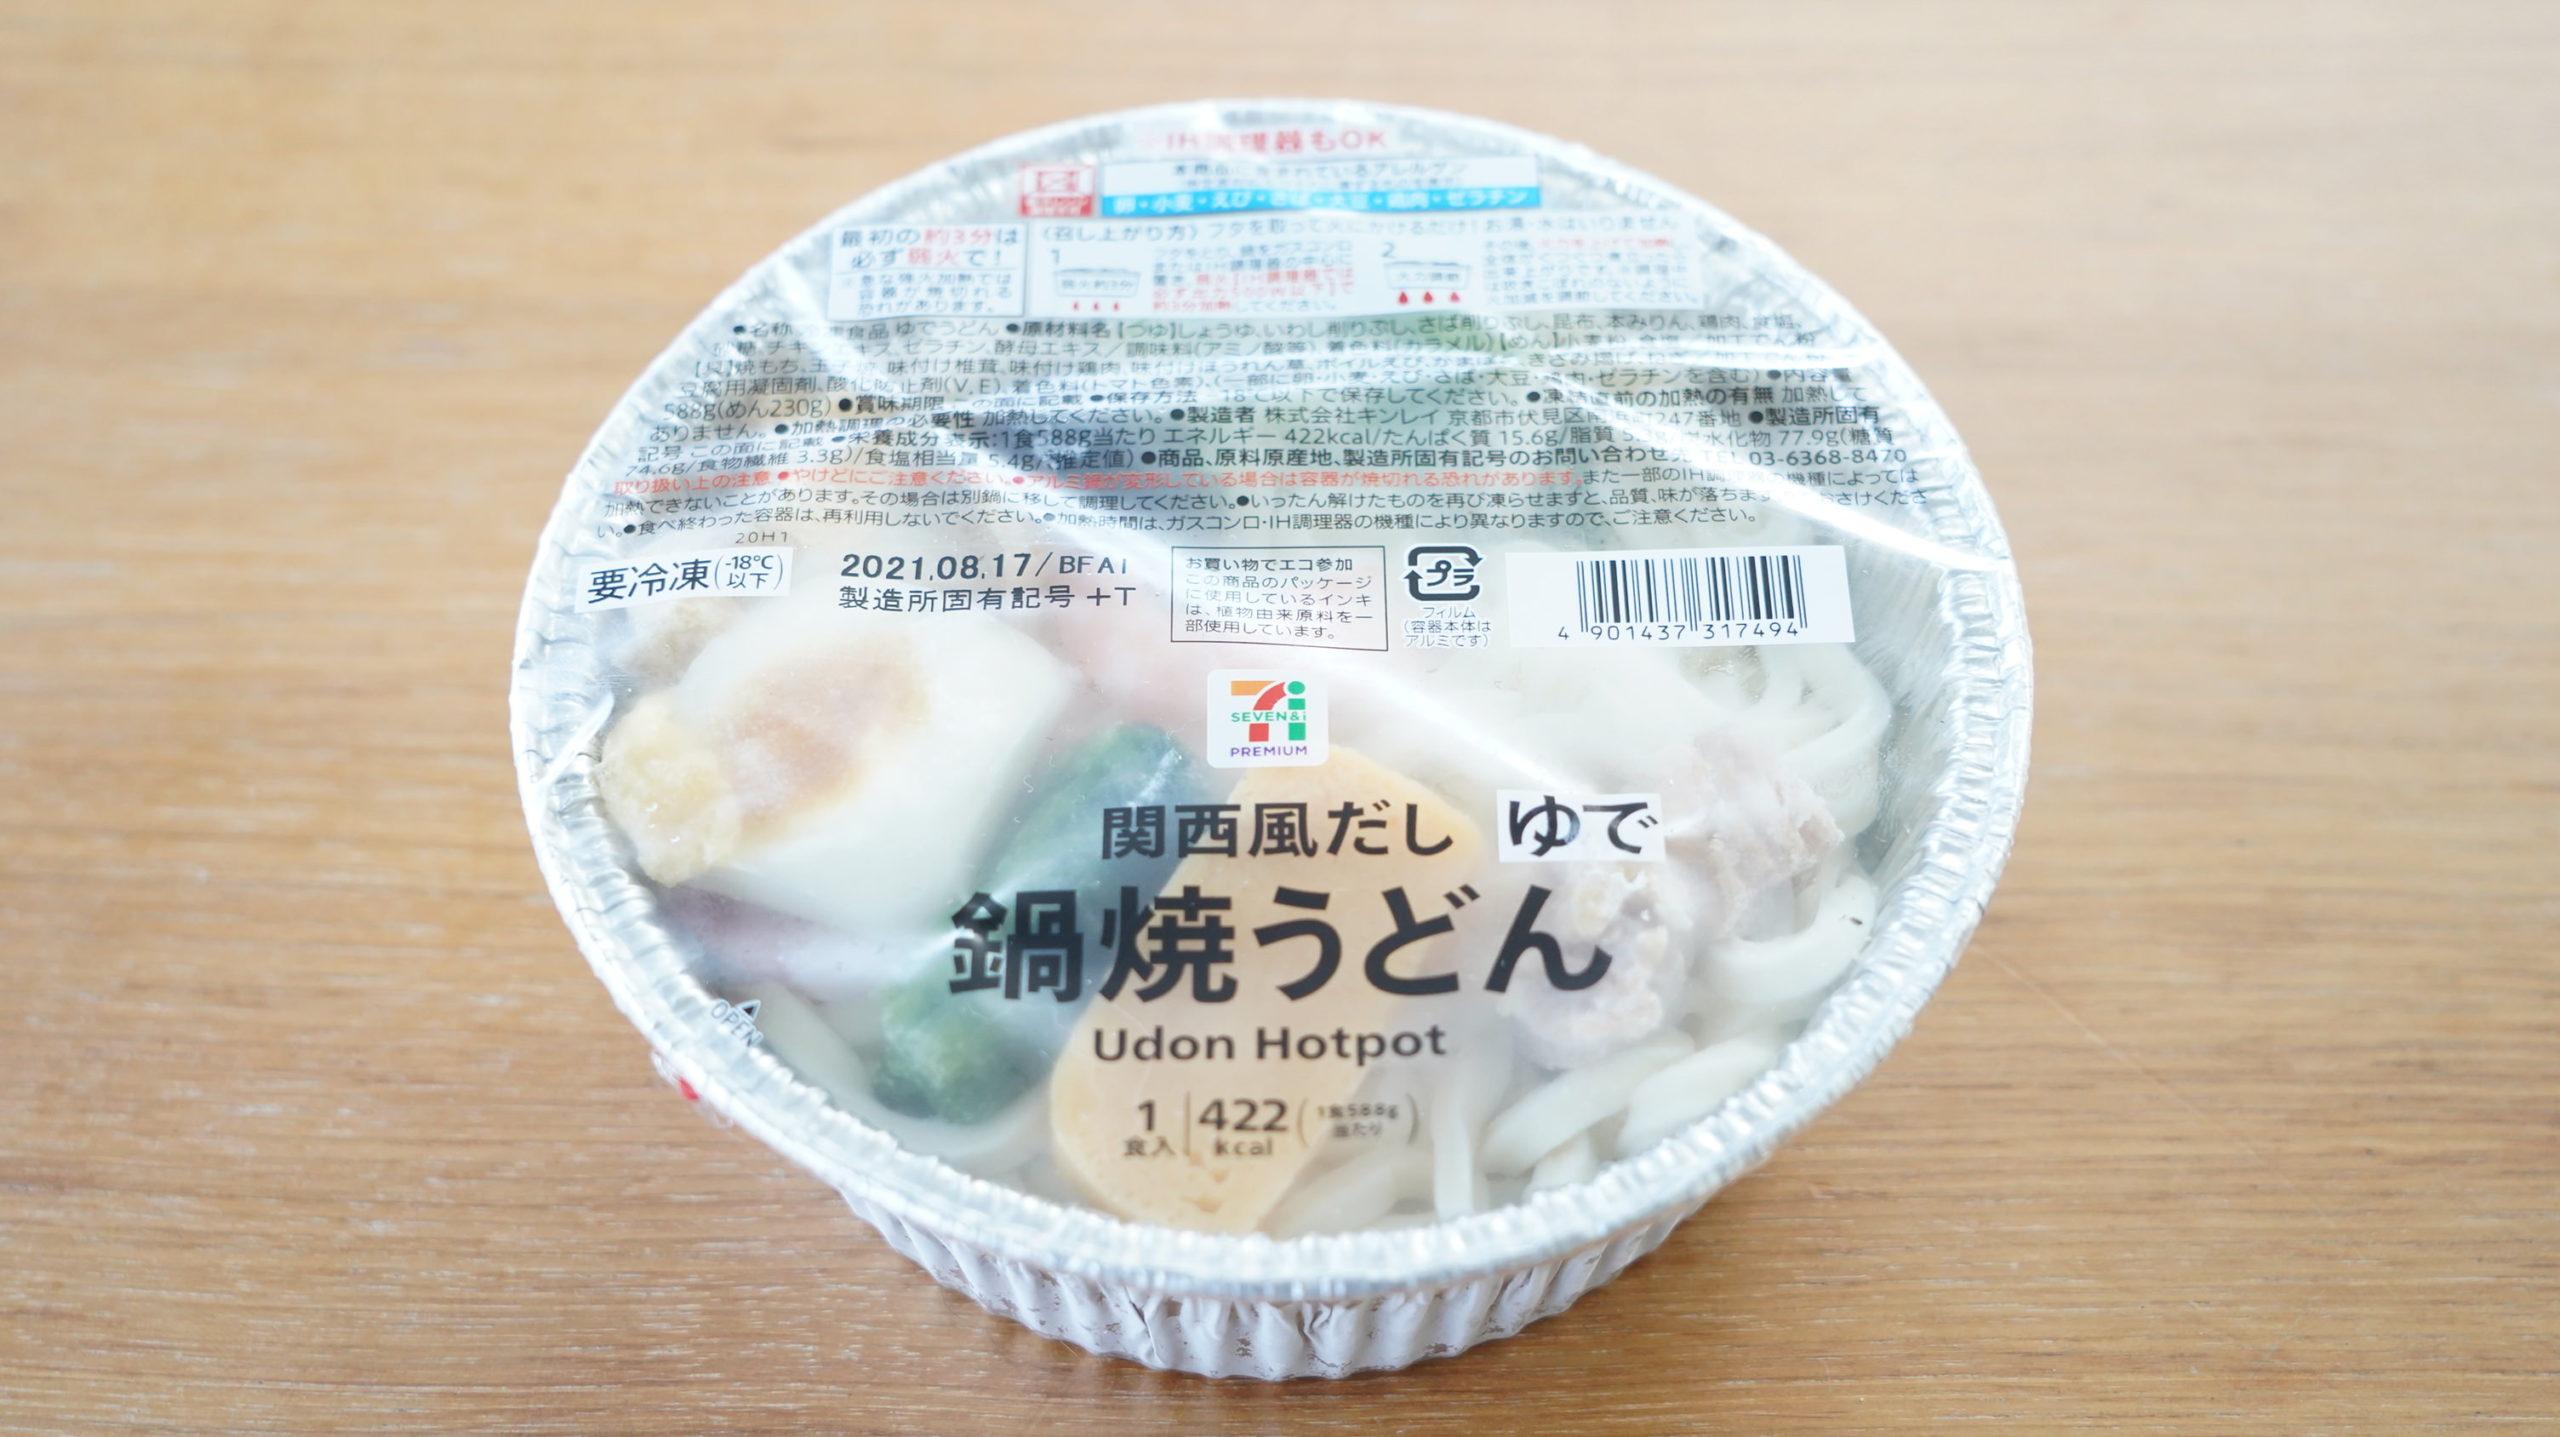 セブンイレブンの冷凍食品「関西風だし・鍋焼うどん」のパッケージ写真